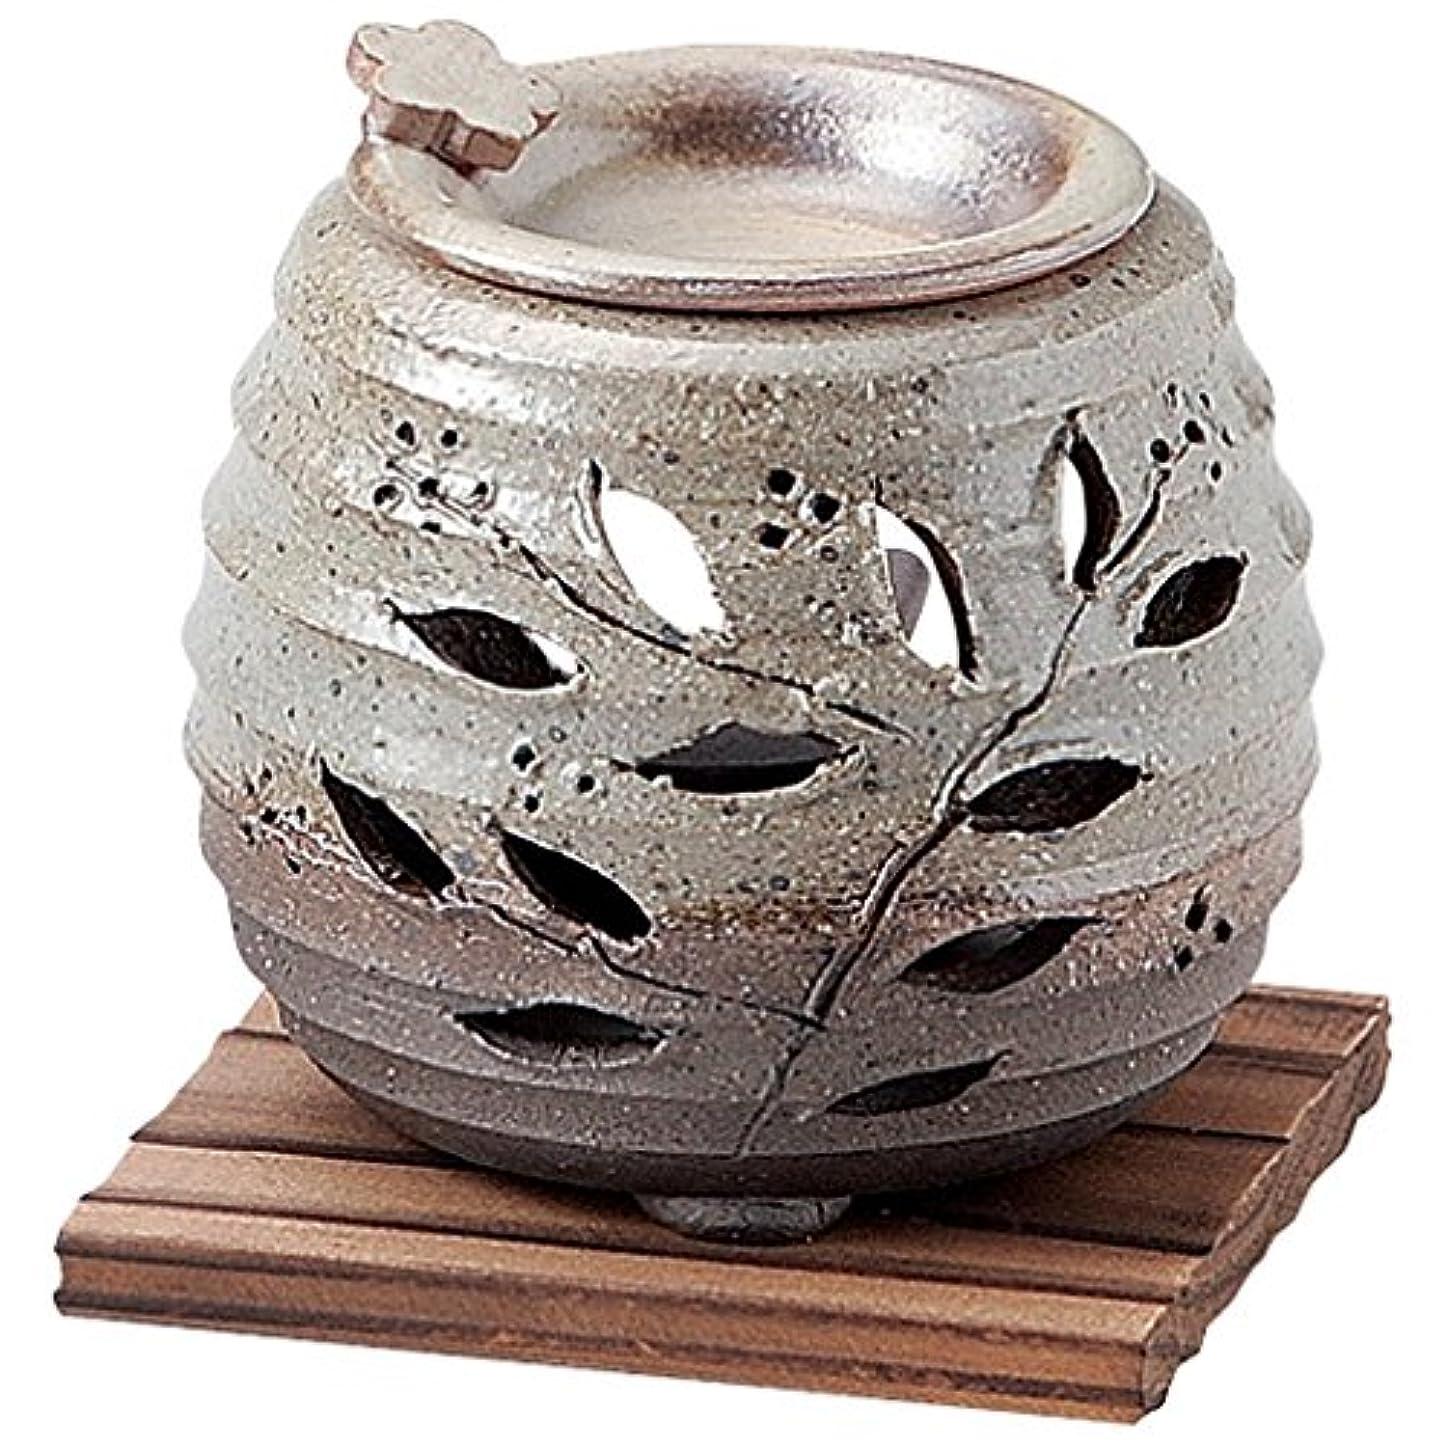 ステンレス昆虫を見る感染する山下工芸 常滑焼 石龍緑灰釉花茶香炉 板付 10.5×11×11cm 13045750